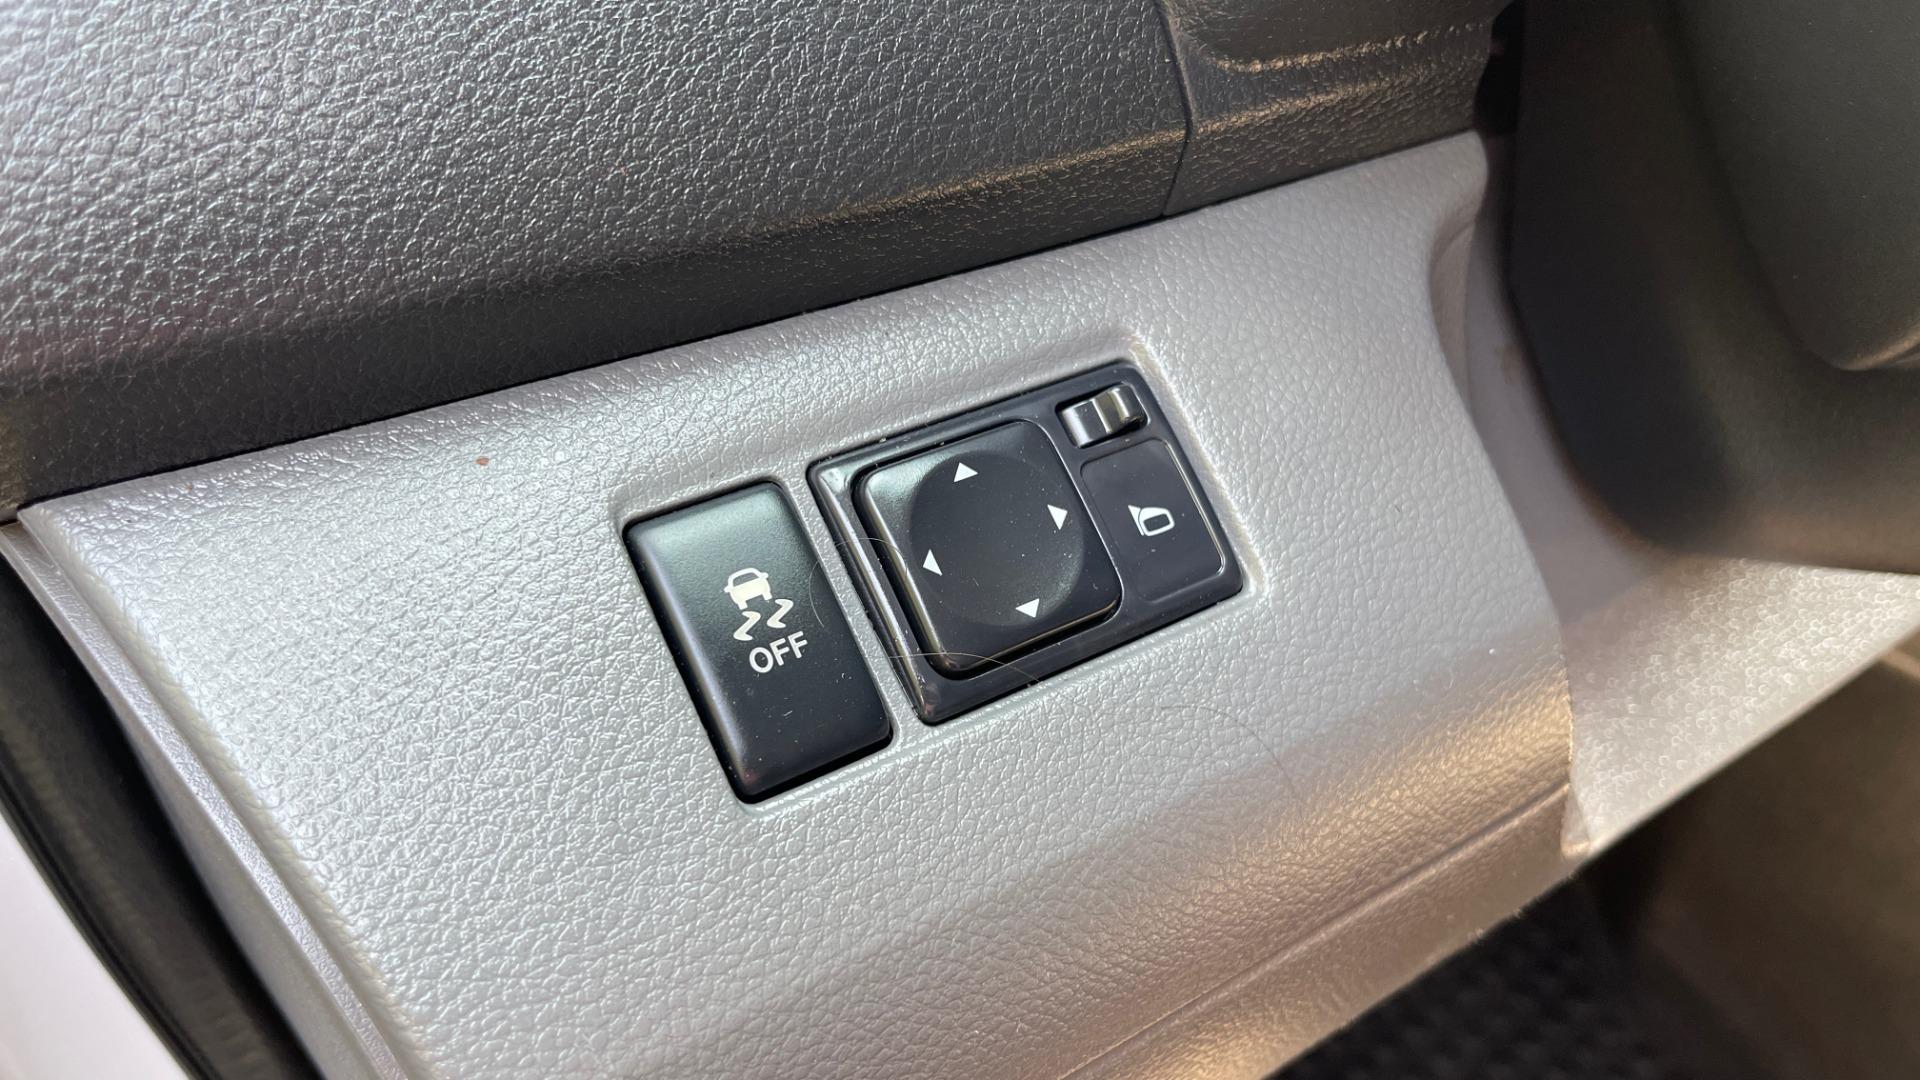 Used 2016 Nissan NV200 SV / WORK VAN / EXT APPEARNACE PKG / SPLASH GUARDS for sale $15,400 at Formula Imports in Charlotte NC 28227 24